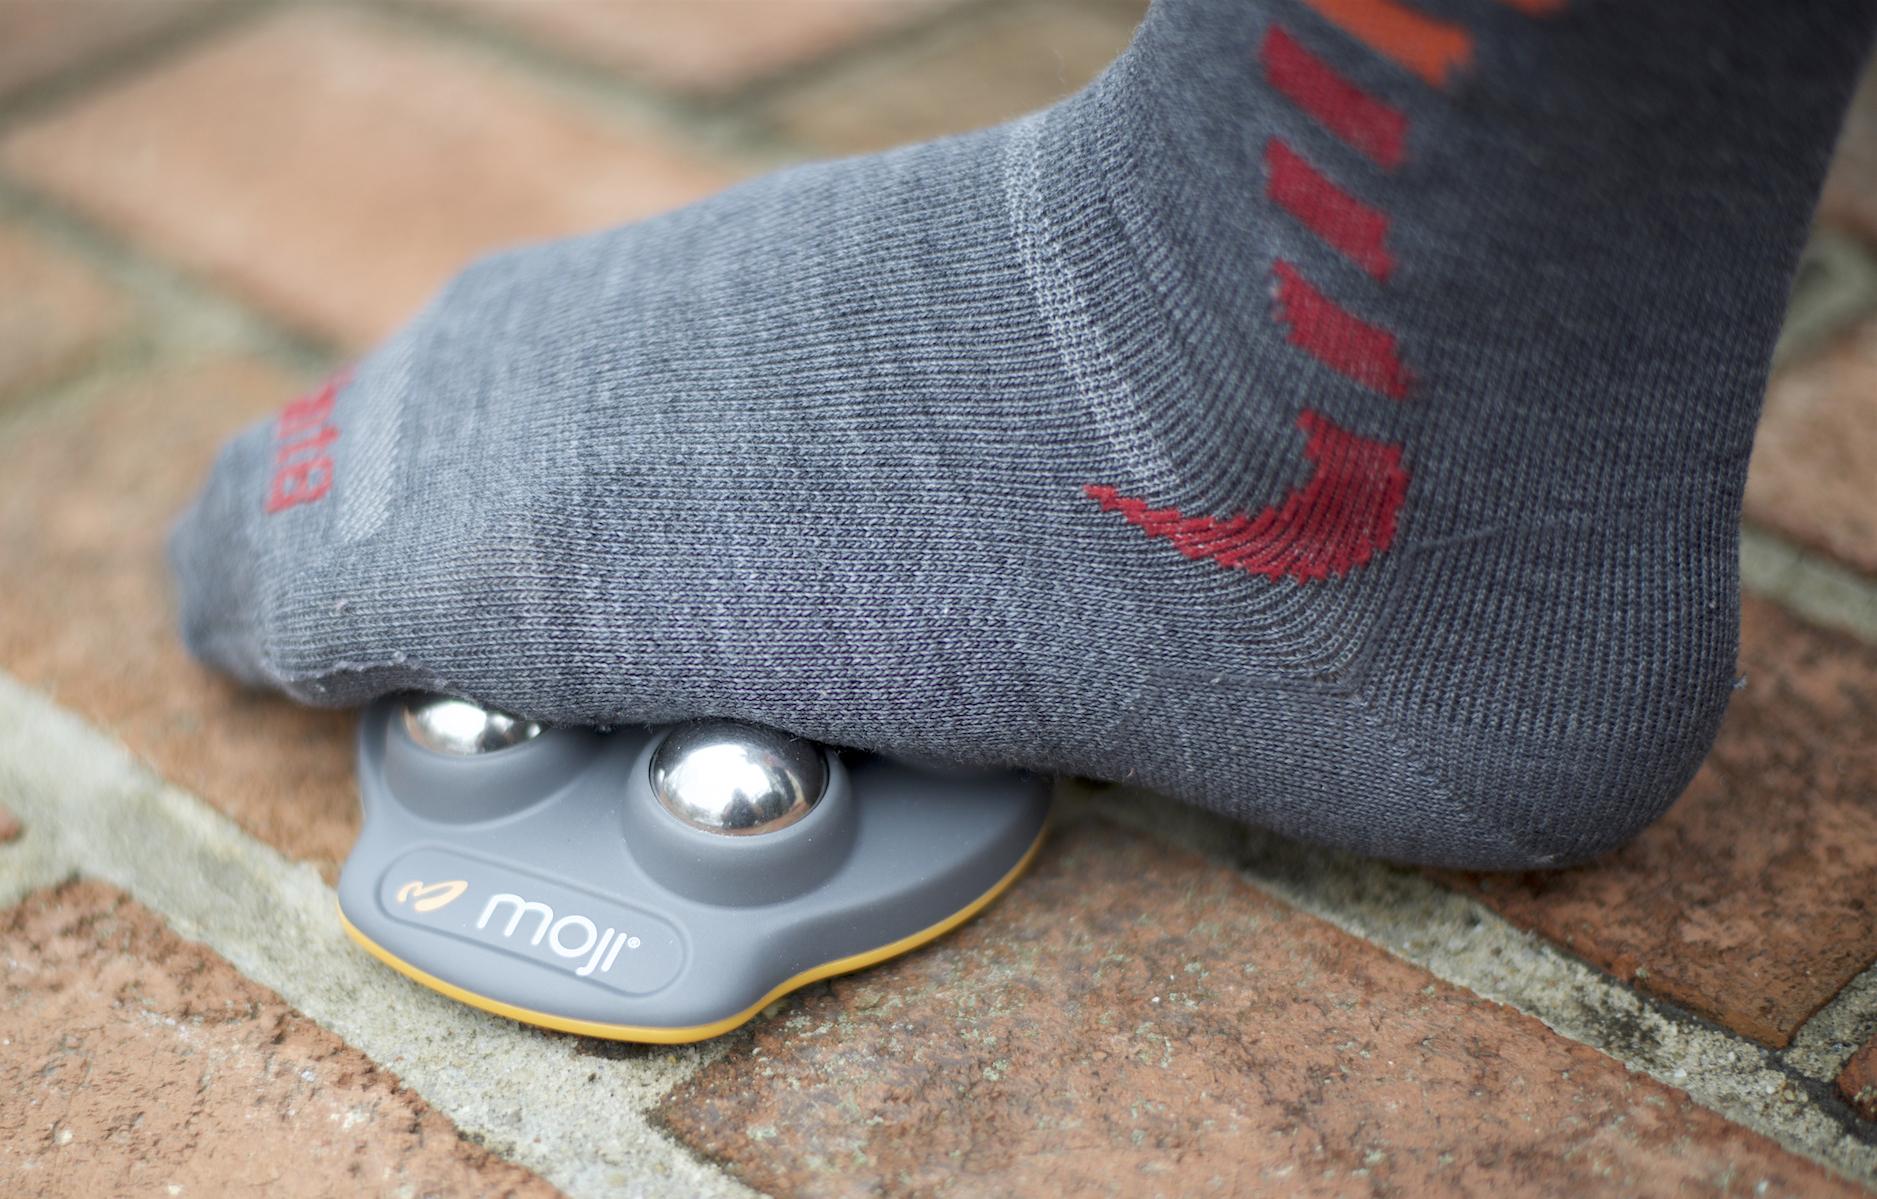 Moji Foot Pro